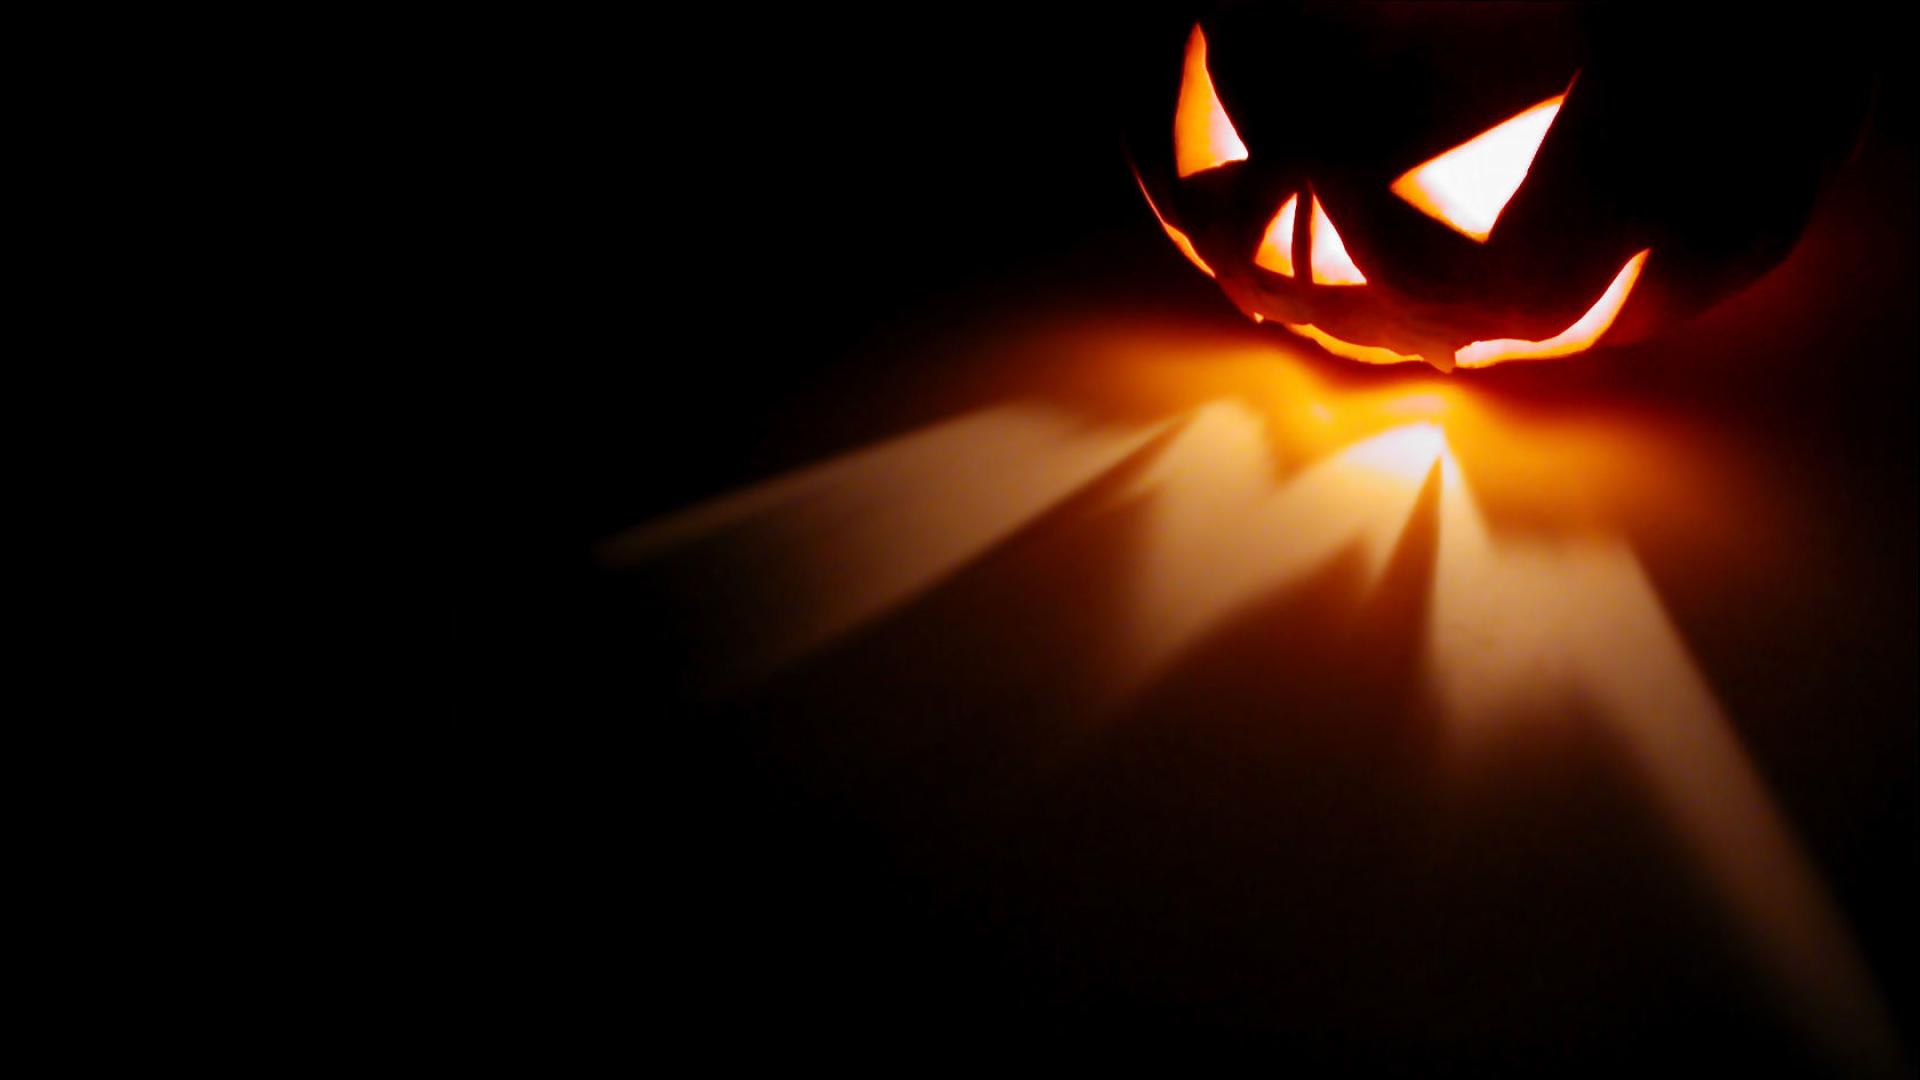 download wallpaper: Halloween pompoen wallpaper